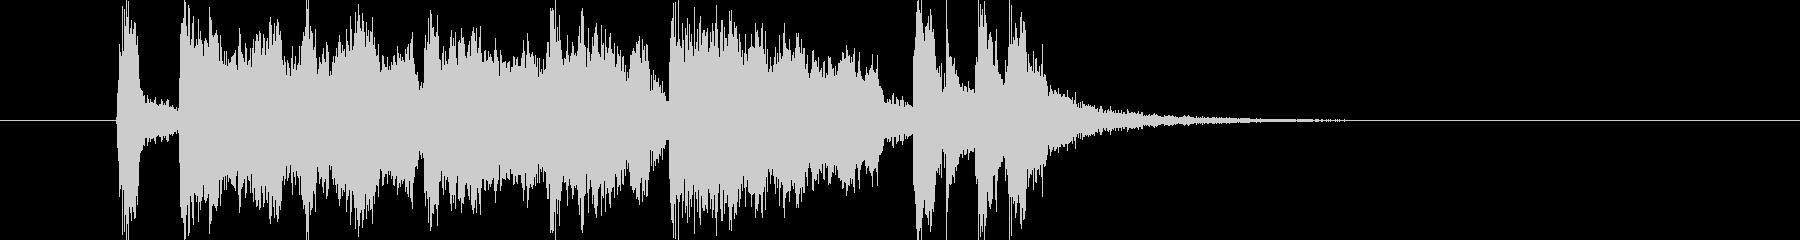 軽快なトランペットとドラムによるBGMの未再生の波形